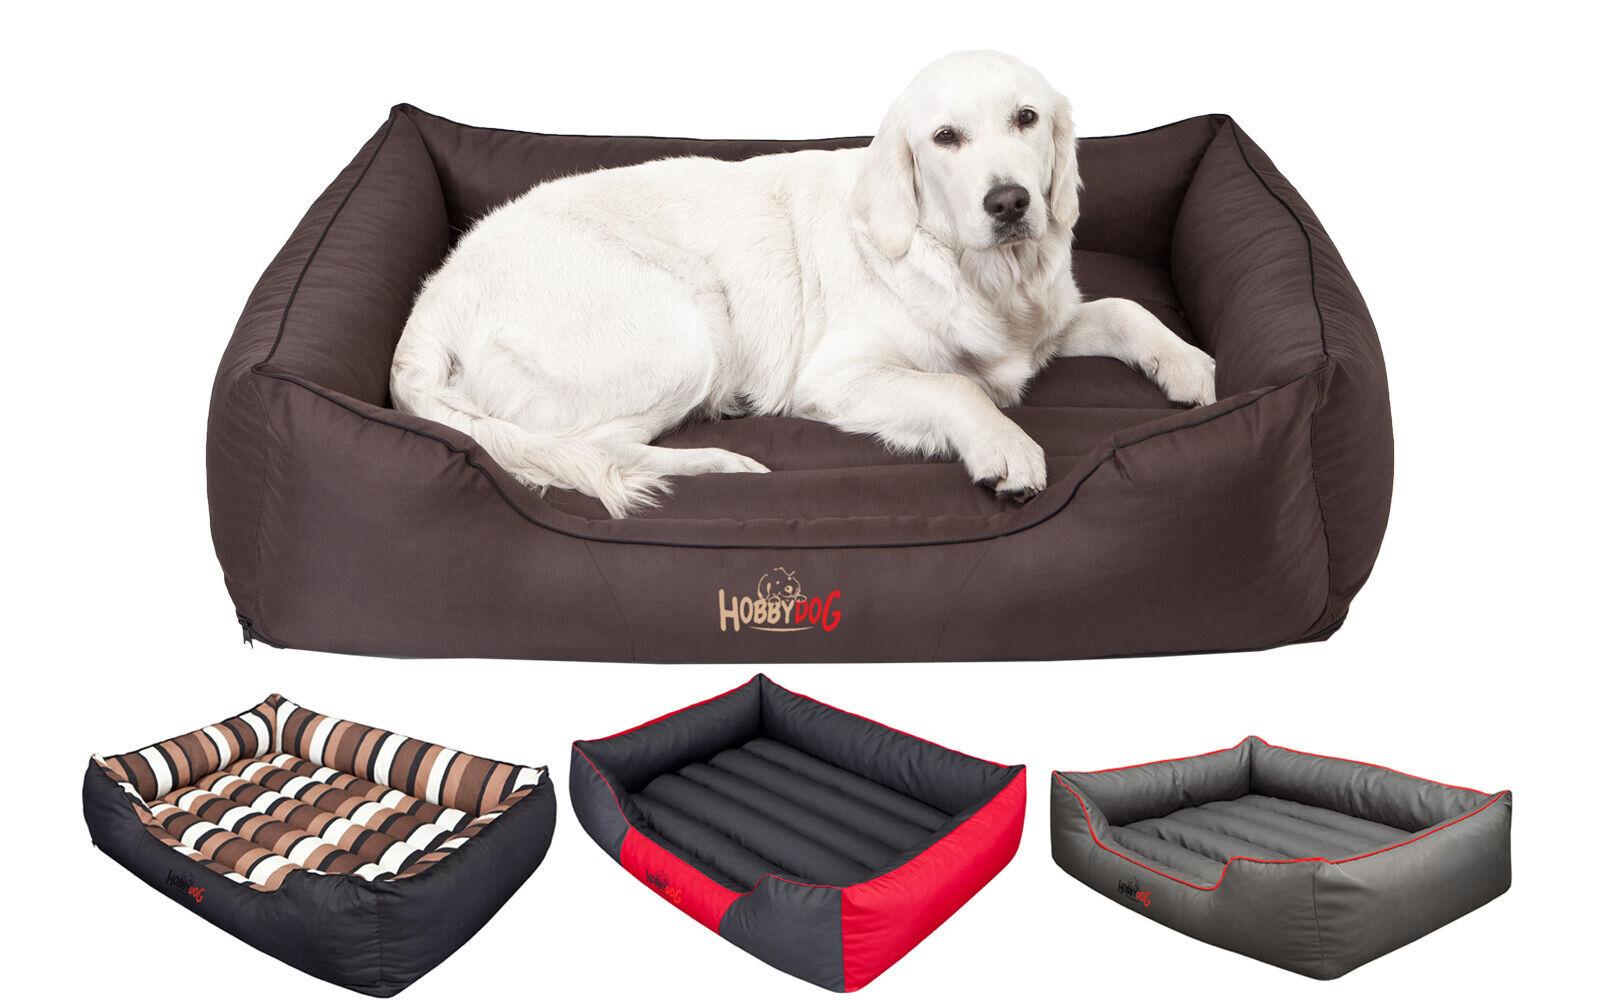 Cuccia per cani cuscino per Cani Animale Letto Letto per Gatti Cani Cesto dormire dimensioni LXXXL